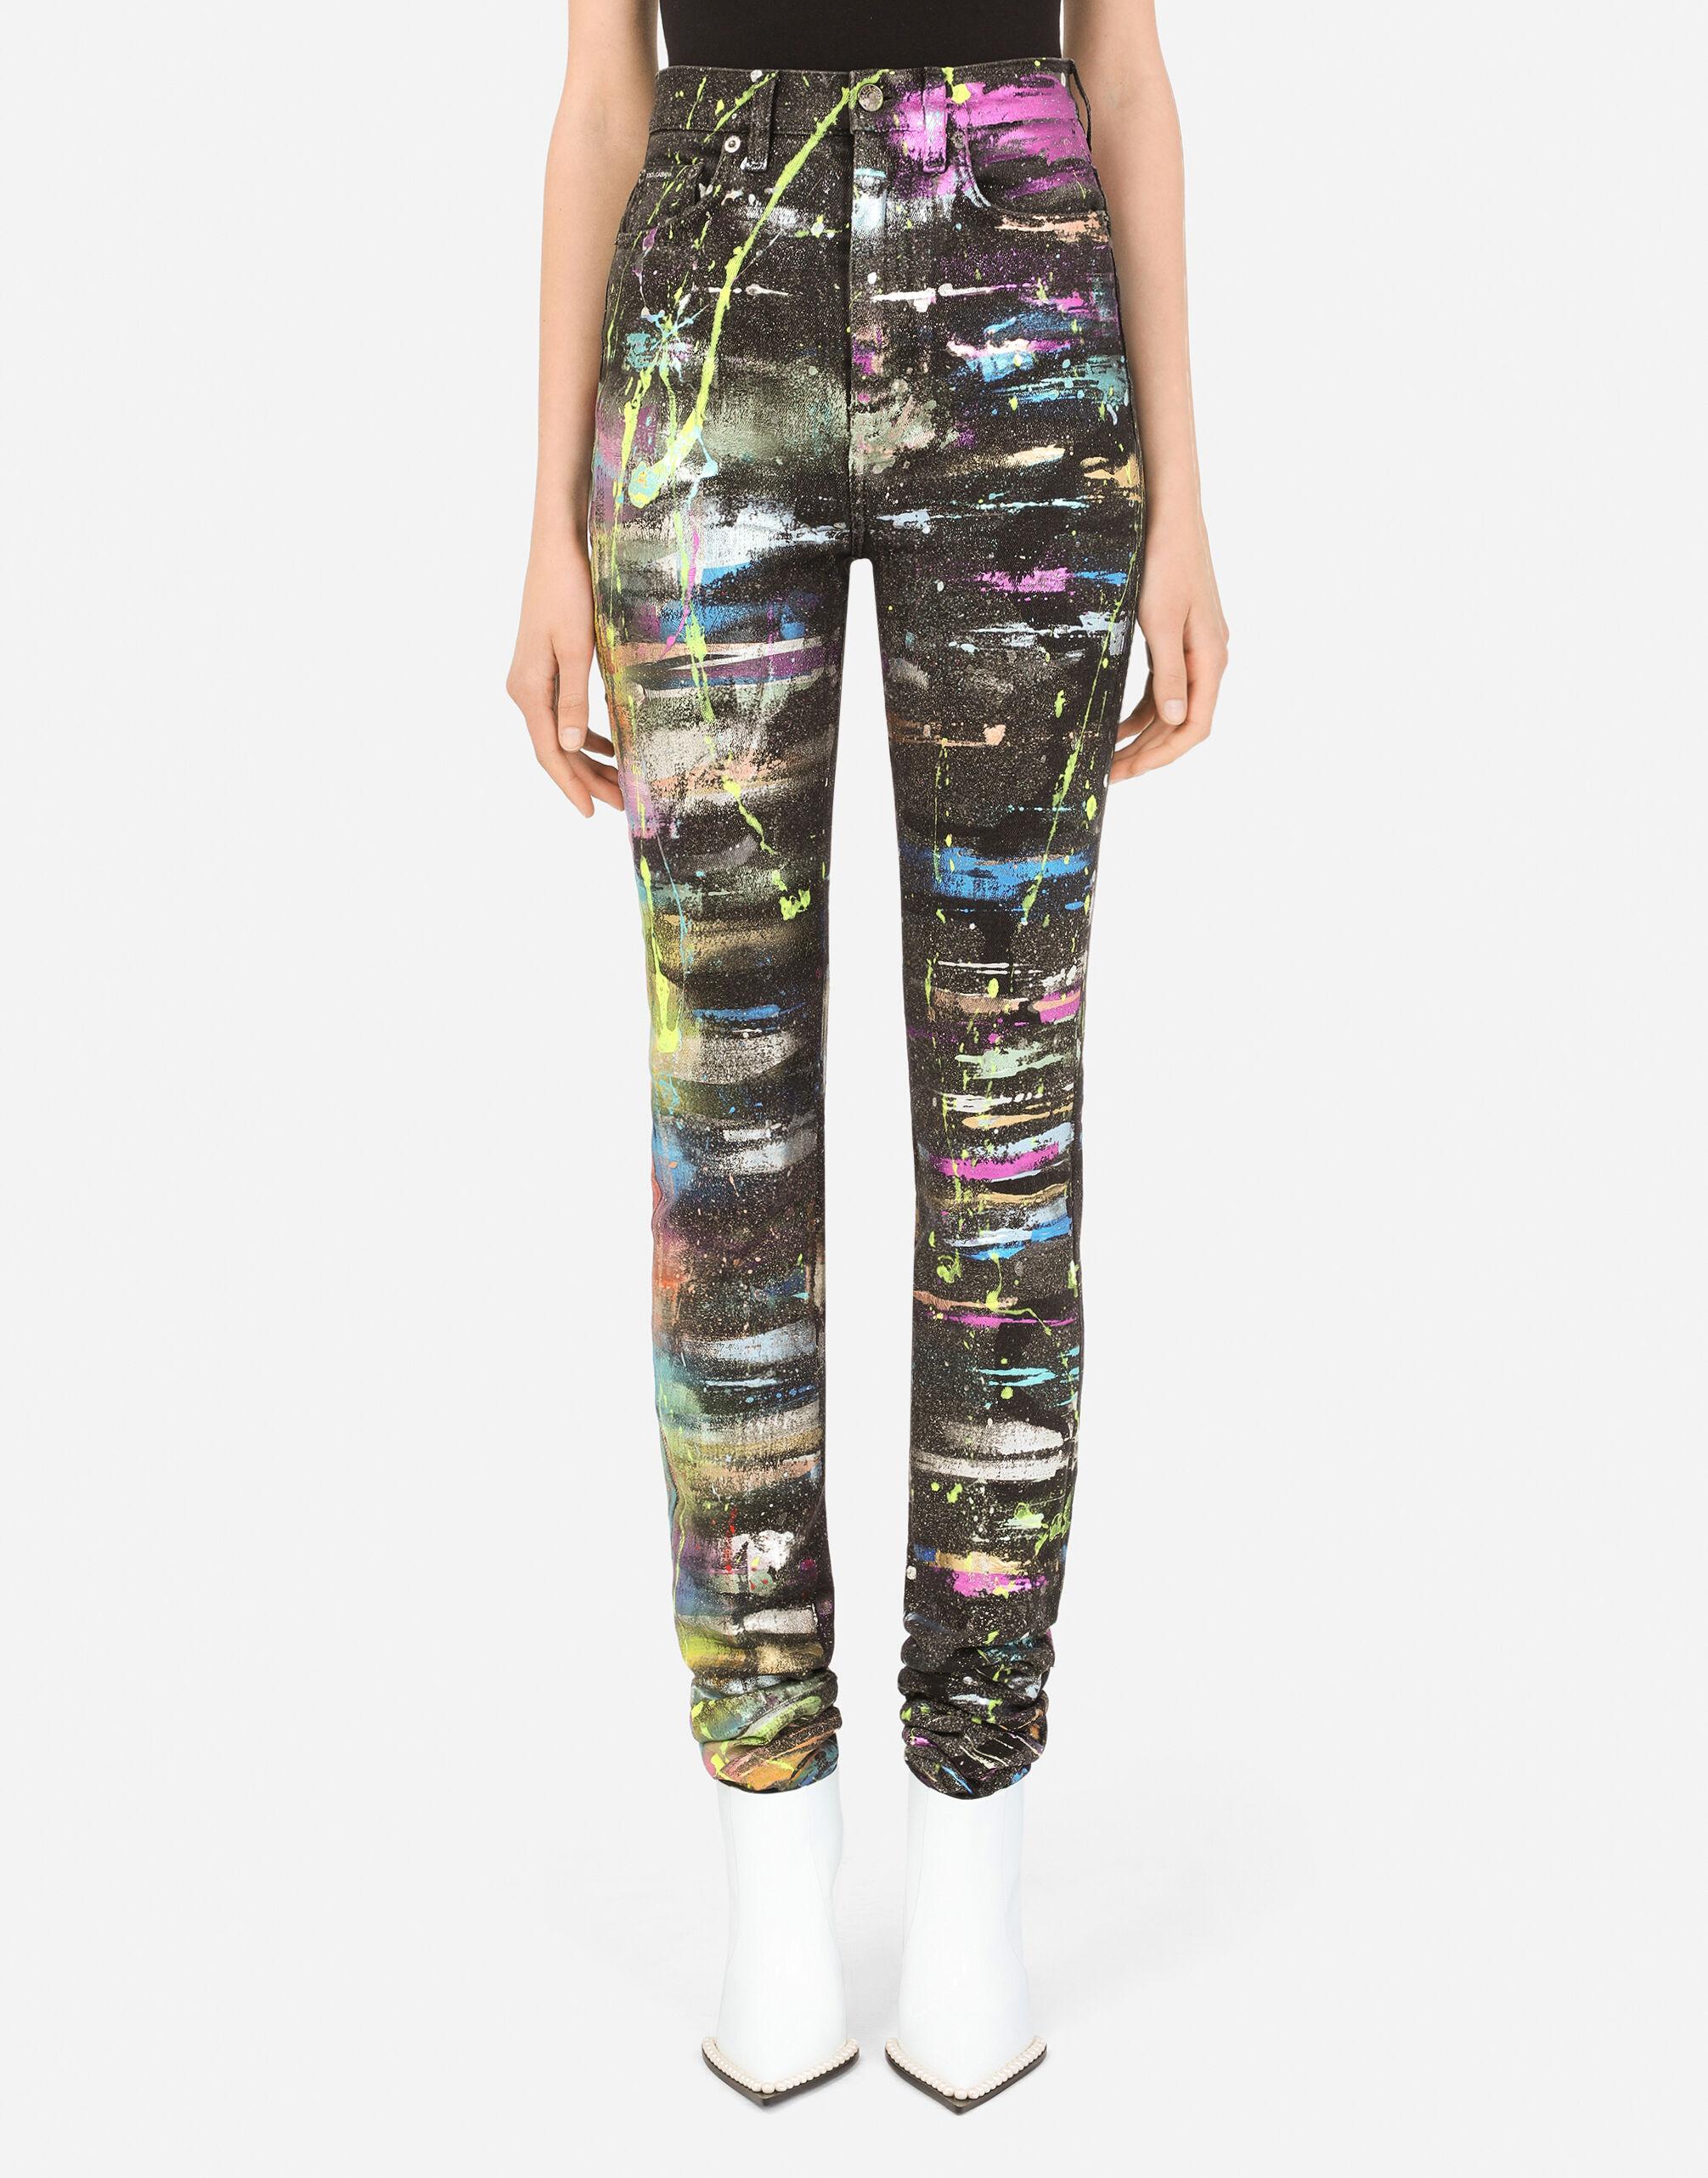 Jeans stampa dripping con drappeggio